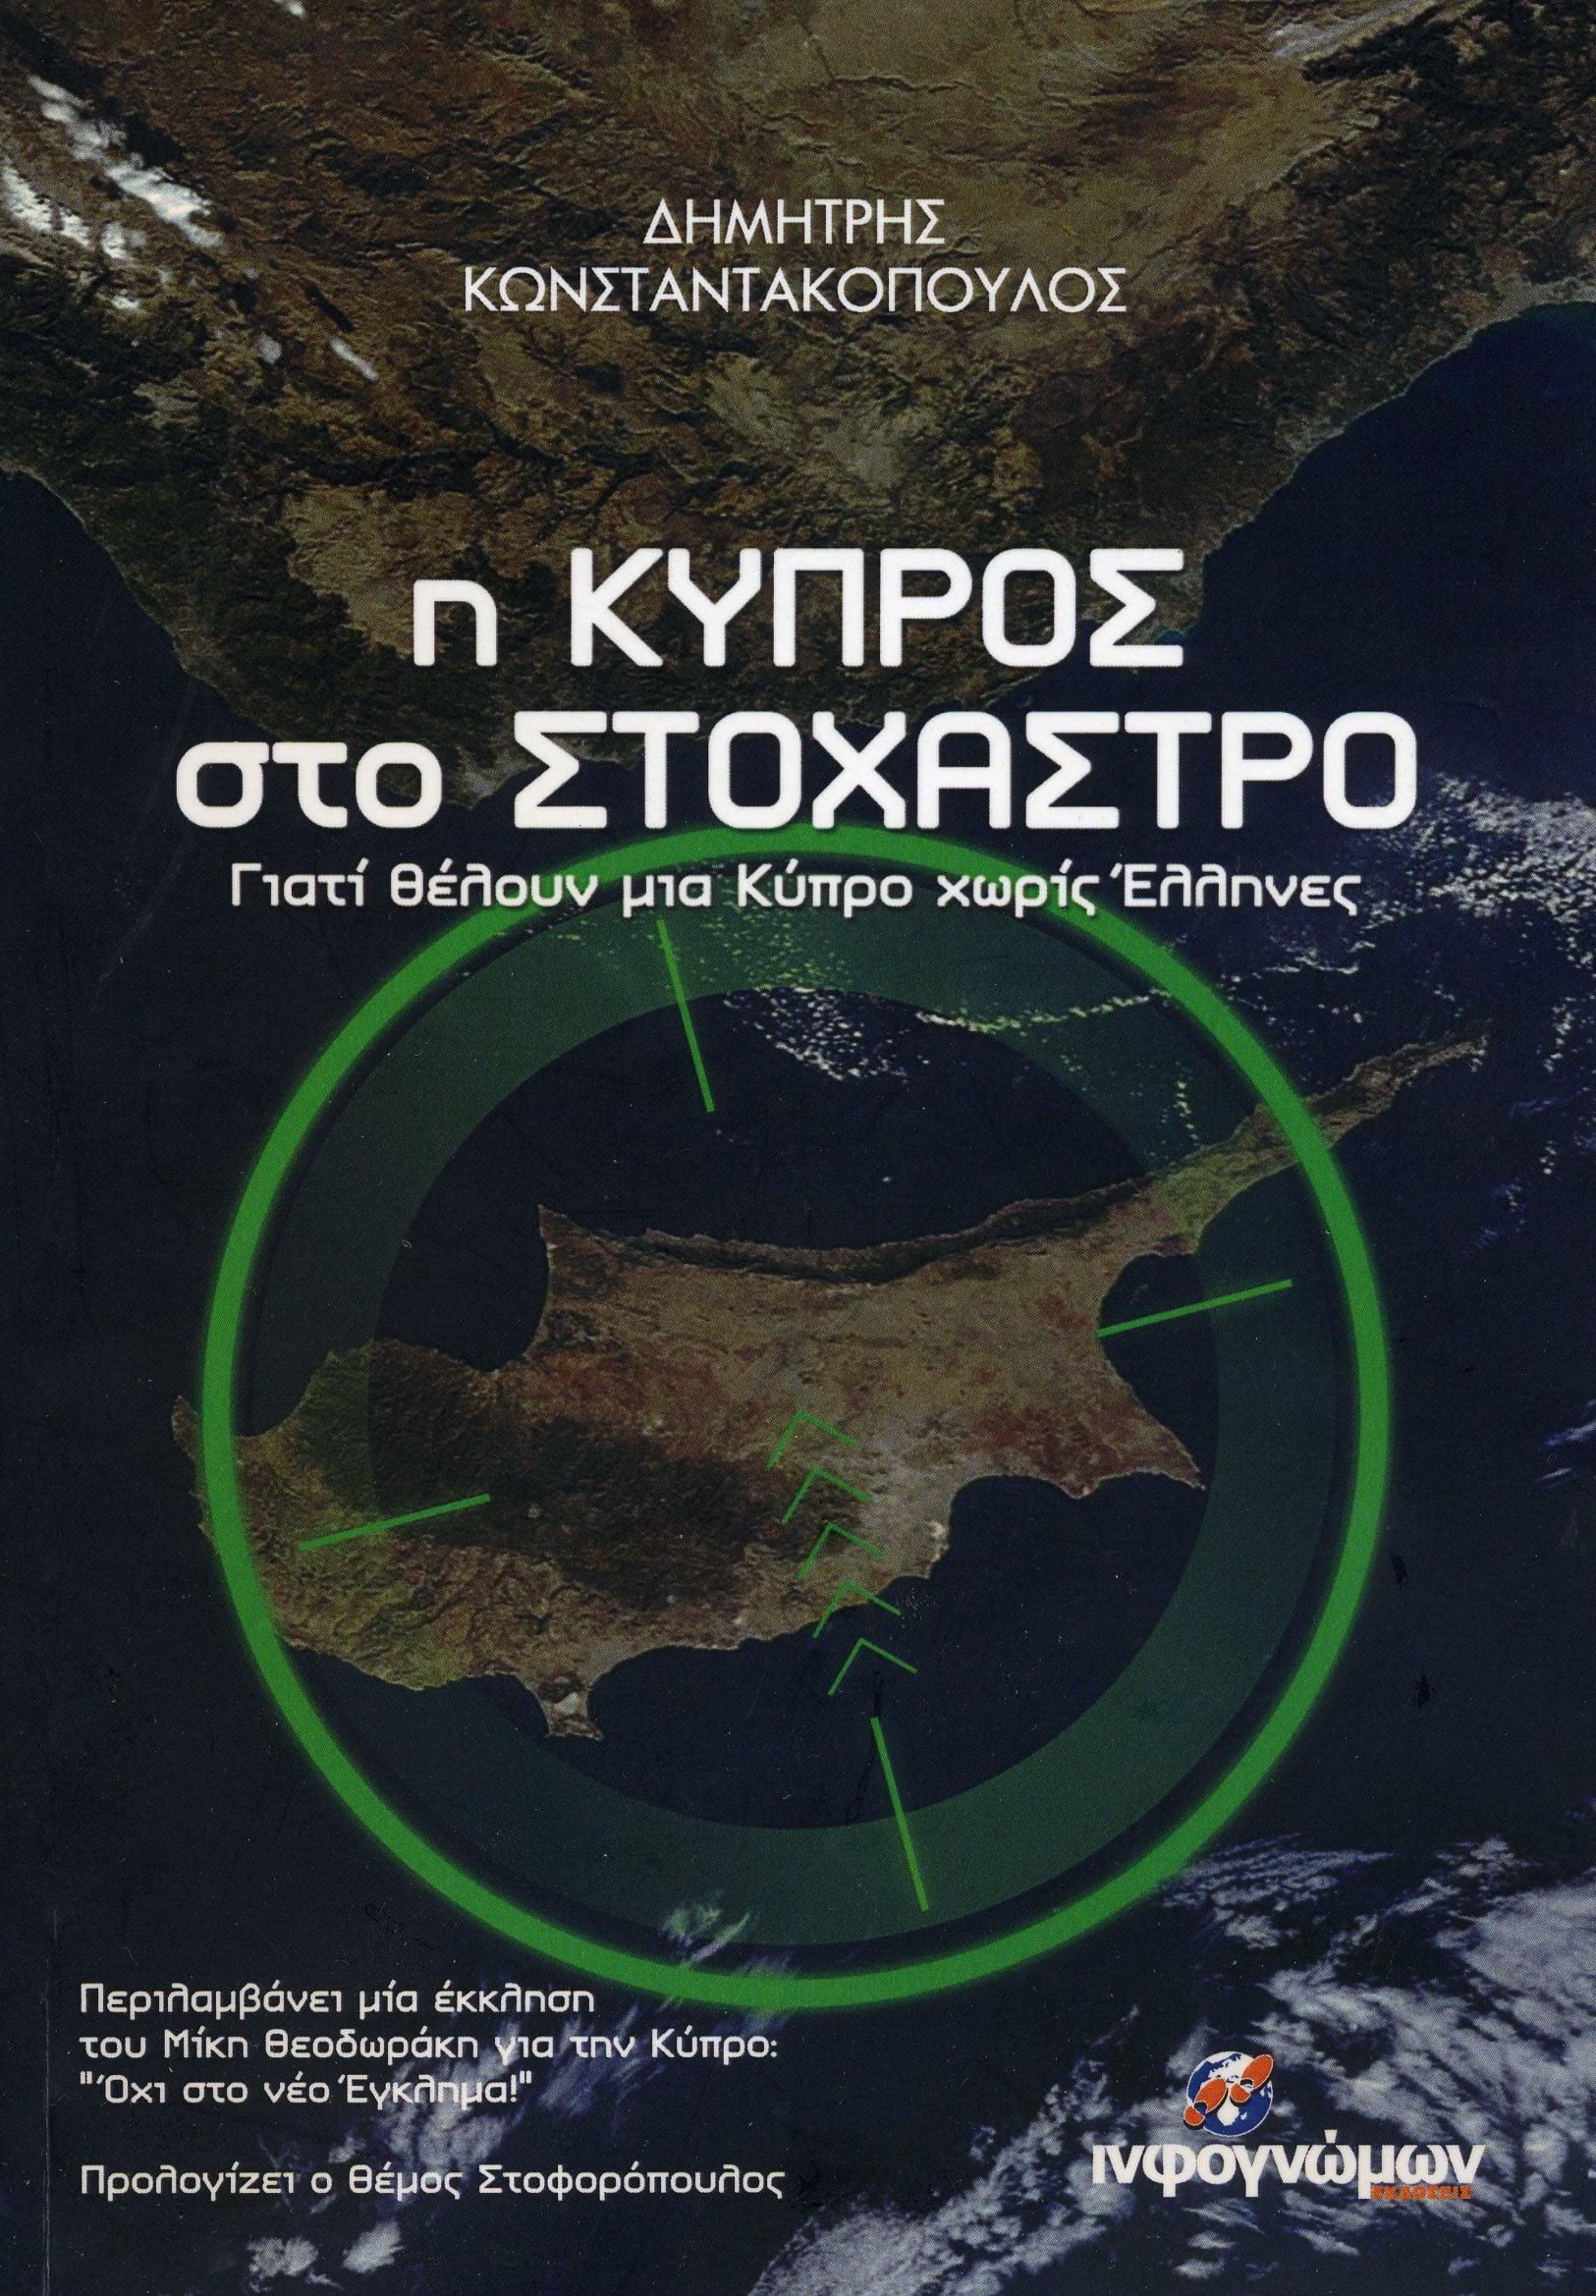 Η Πενταμερής της Γενεύης, η μετατροπή της Κύπρου σε προτεκτοράτο και η ελληνική Αριστερά*